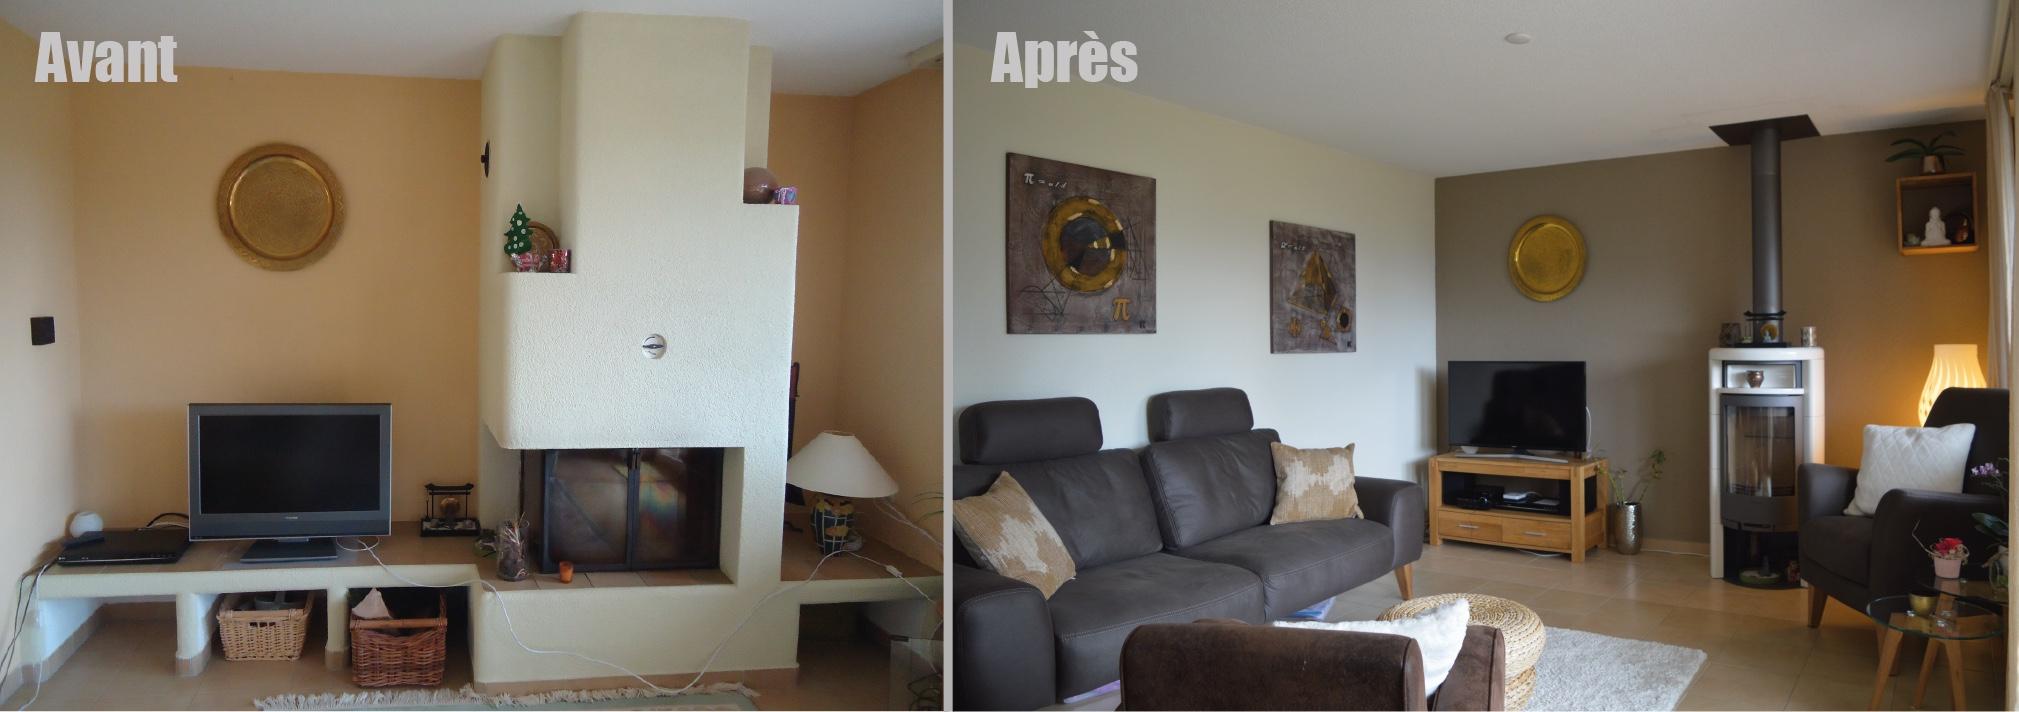 sp d coration style d coration d 39 int rieur conseils en feng shui. Black Bedroom Furniture Sets. Home Design Ideas